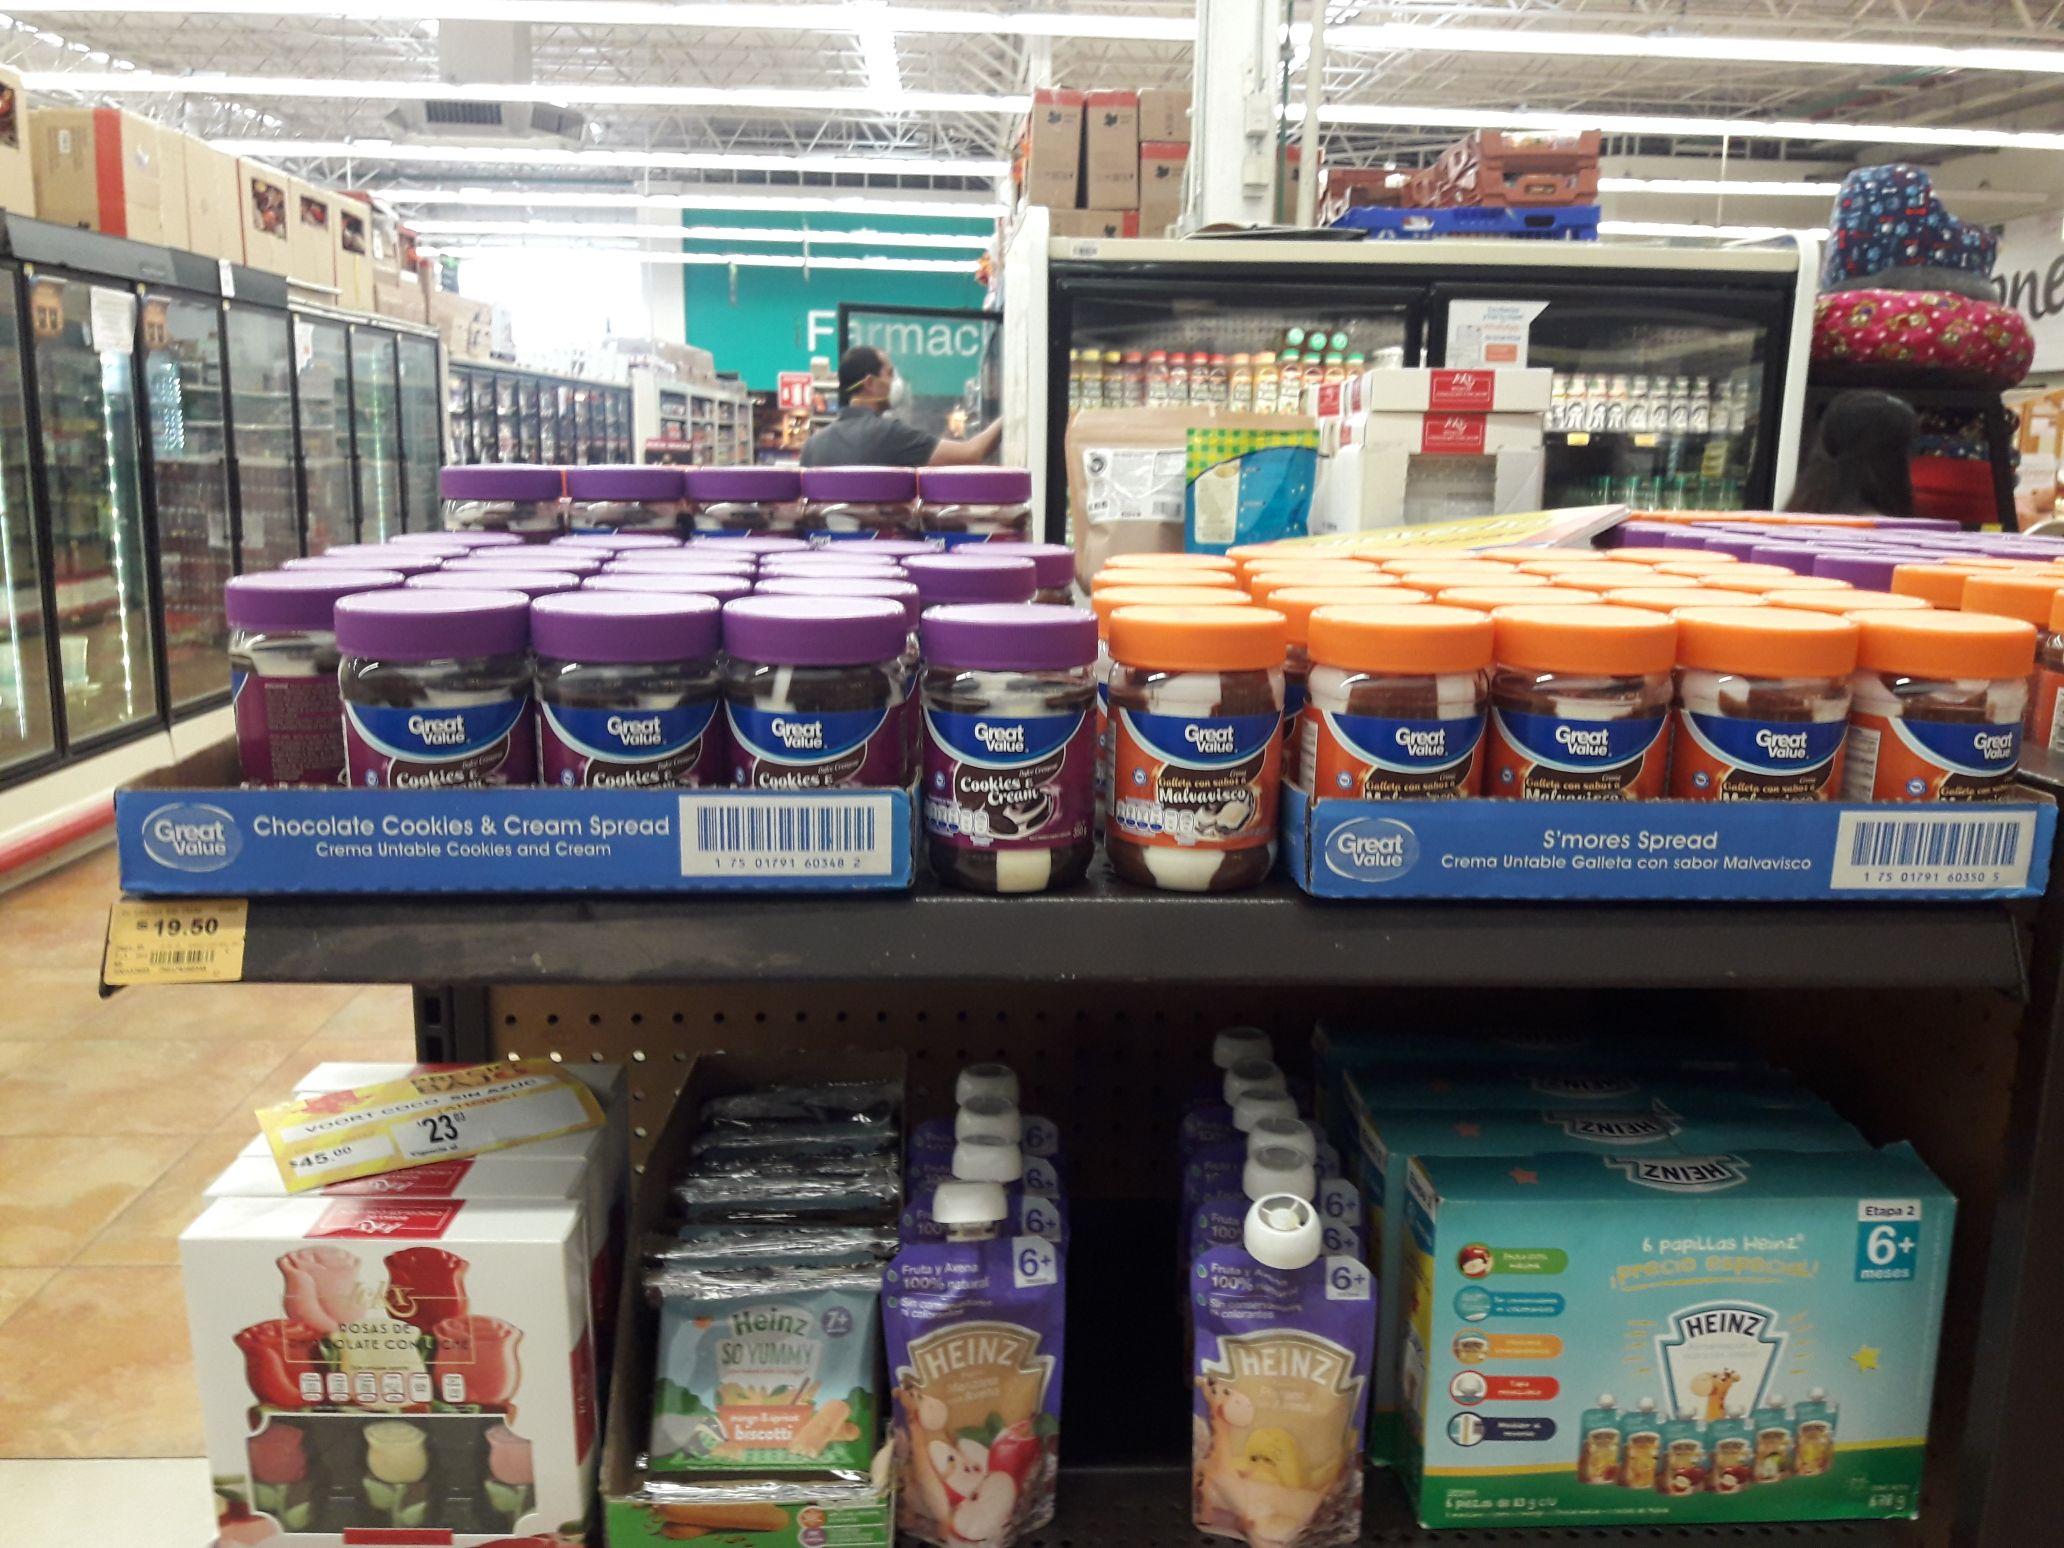 Superama Tecnológico, Metepec: Crema untable Cookies & Cream o Galleta con sabor Malvavisco